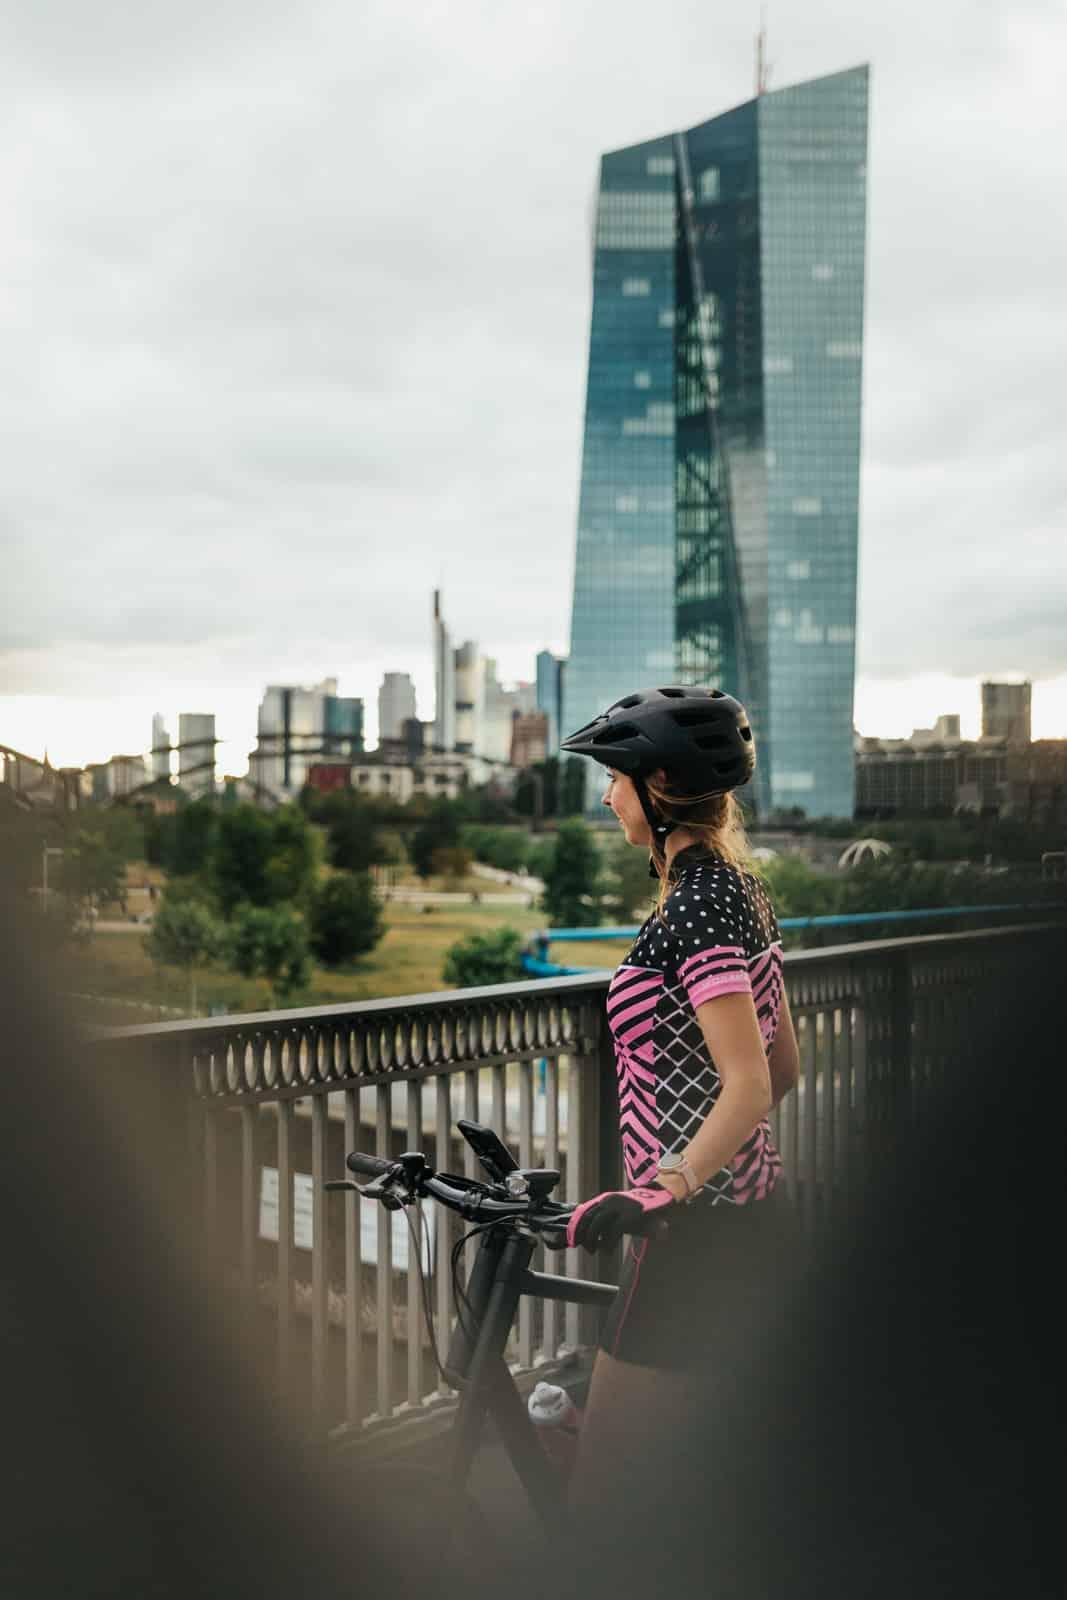 Frau steht mit ihrem Cannondale Fahrrad auf der Honsellbrücke in Frankfurt